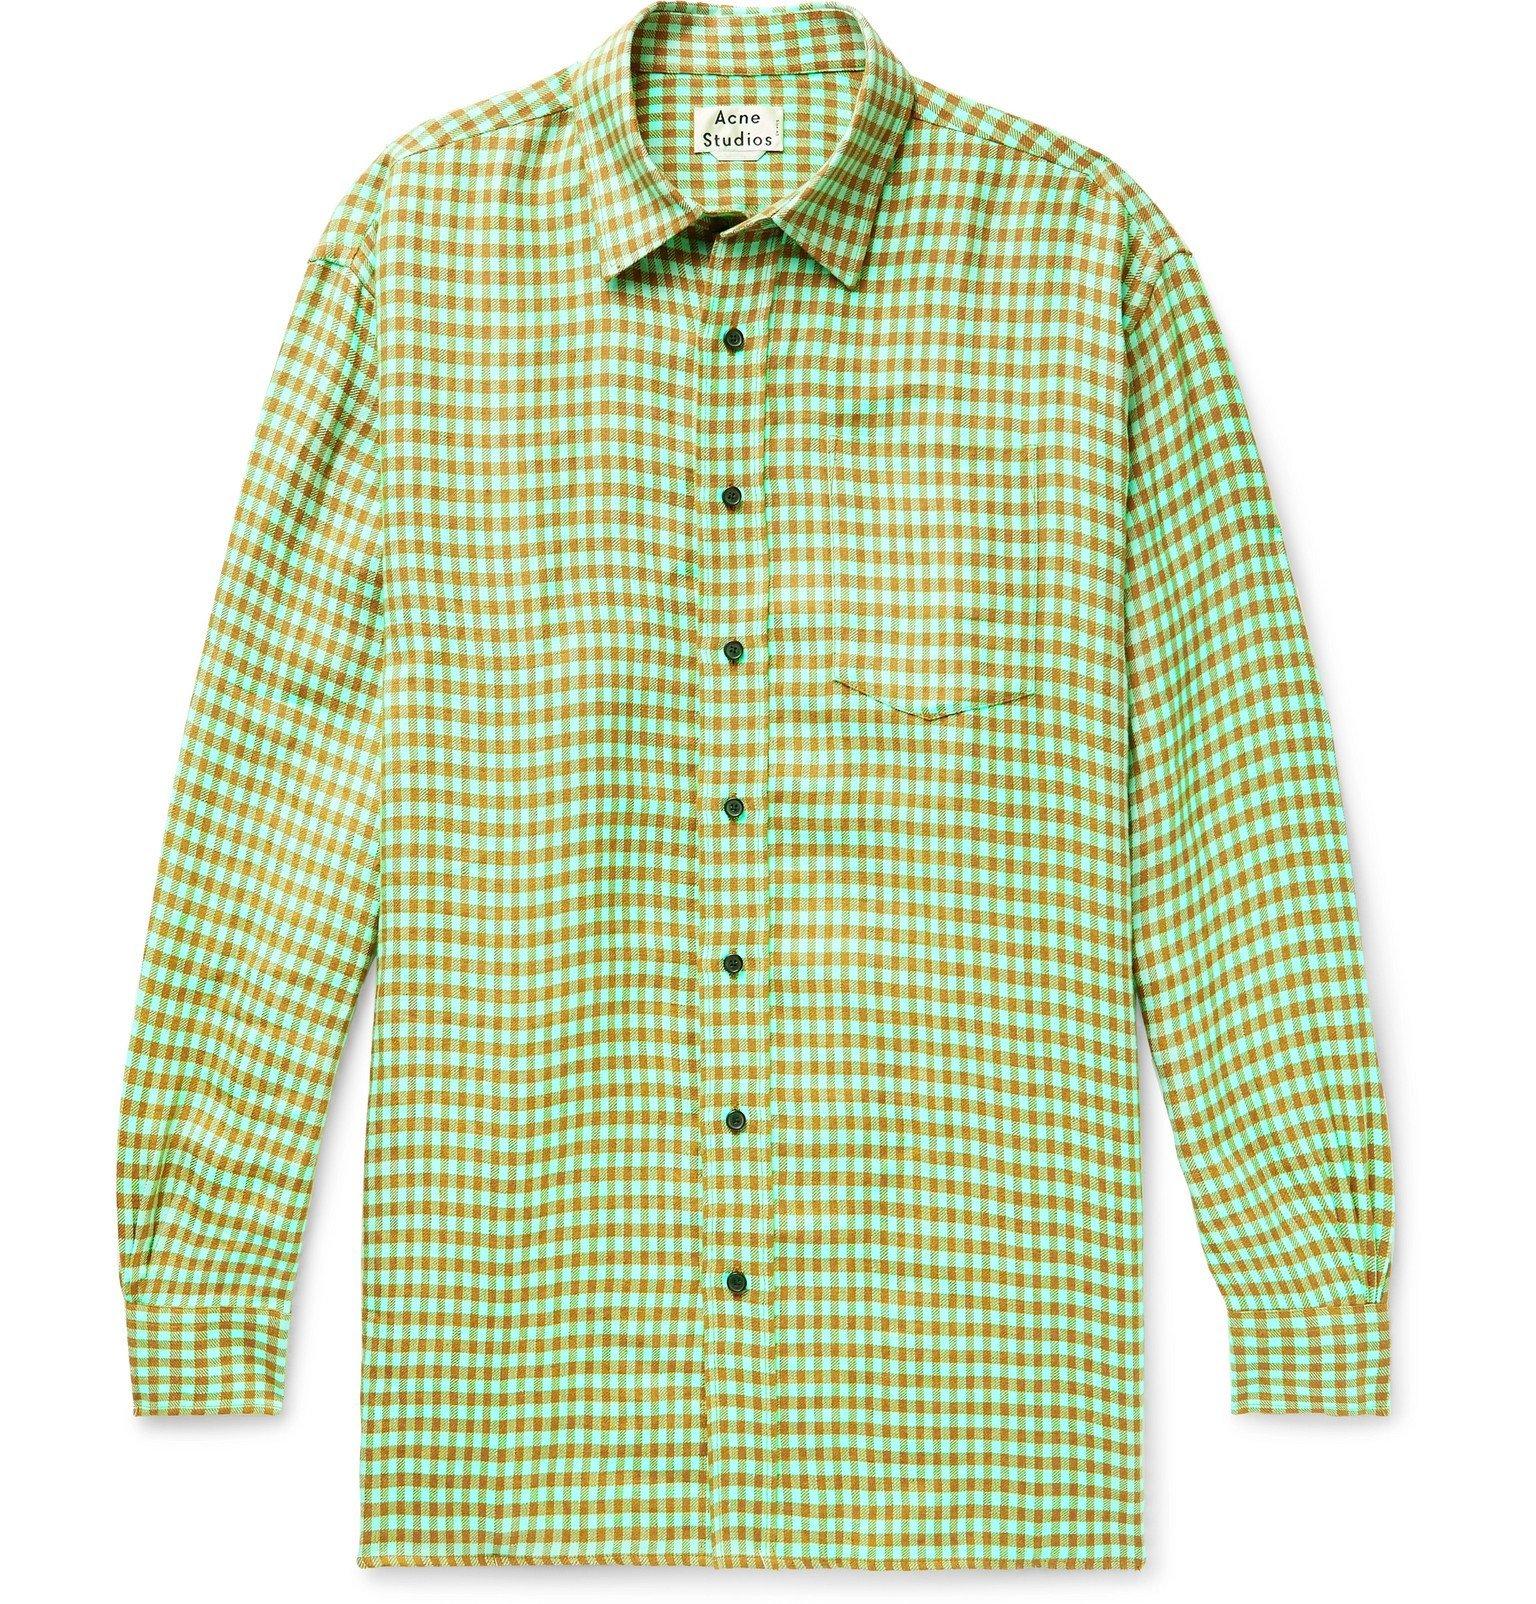 Photo: Acne Studios - Atlent Oversized Gingham Linen Shirt - Green